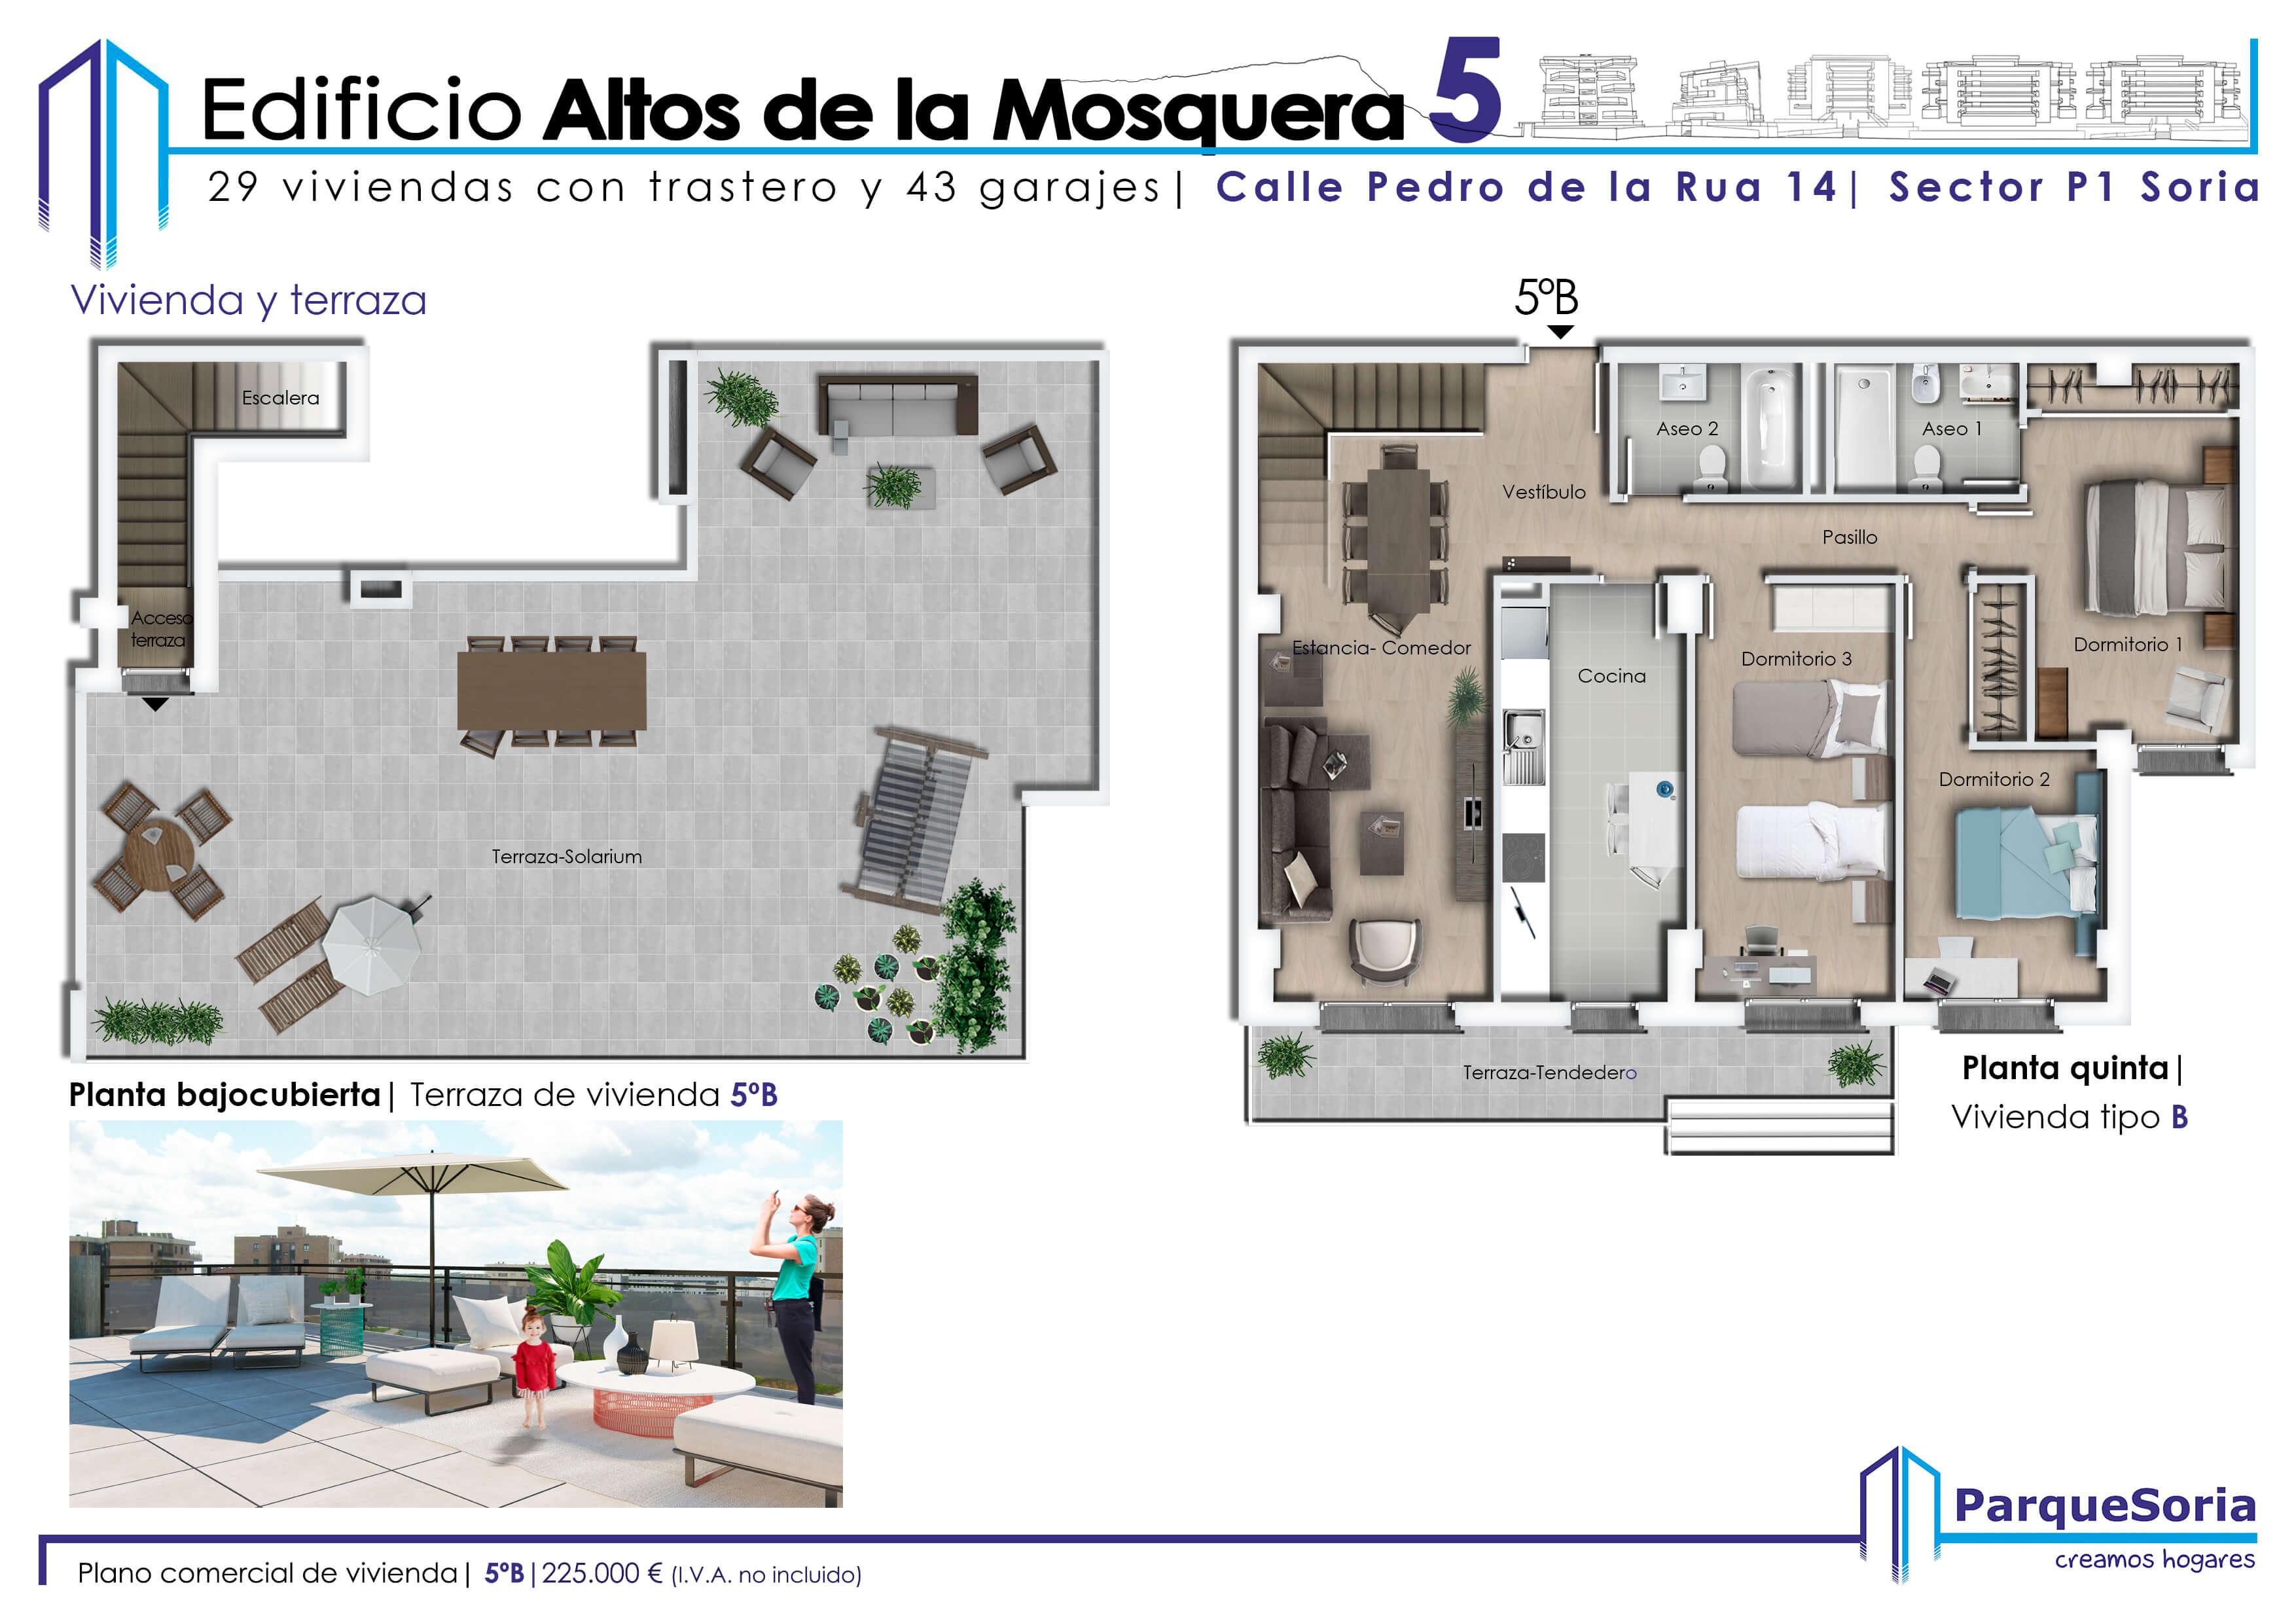 552-vivienda y terraza